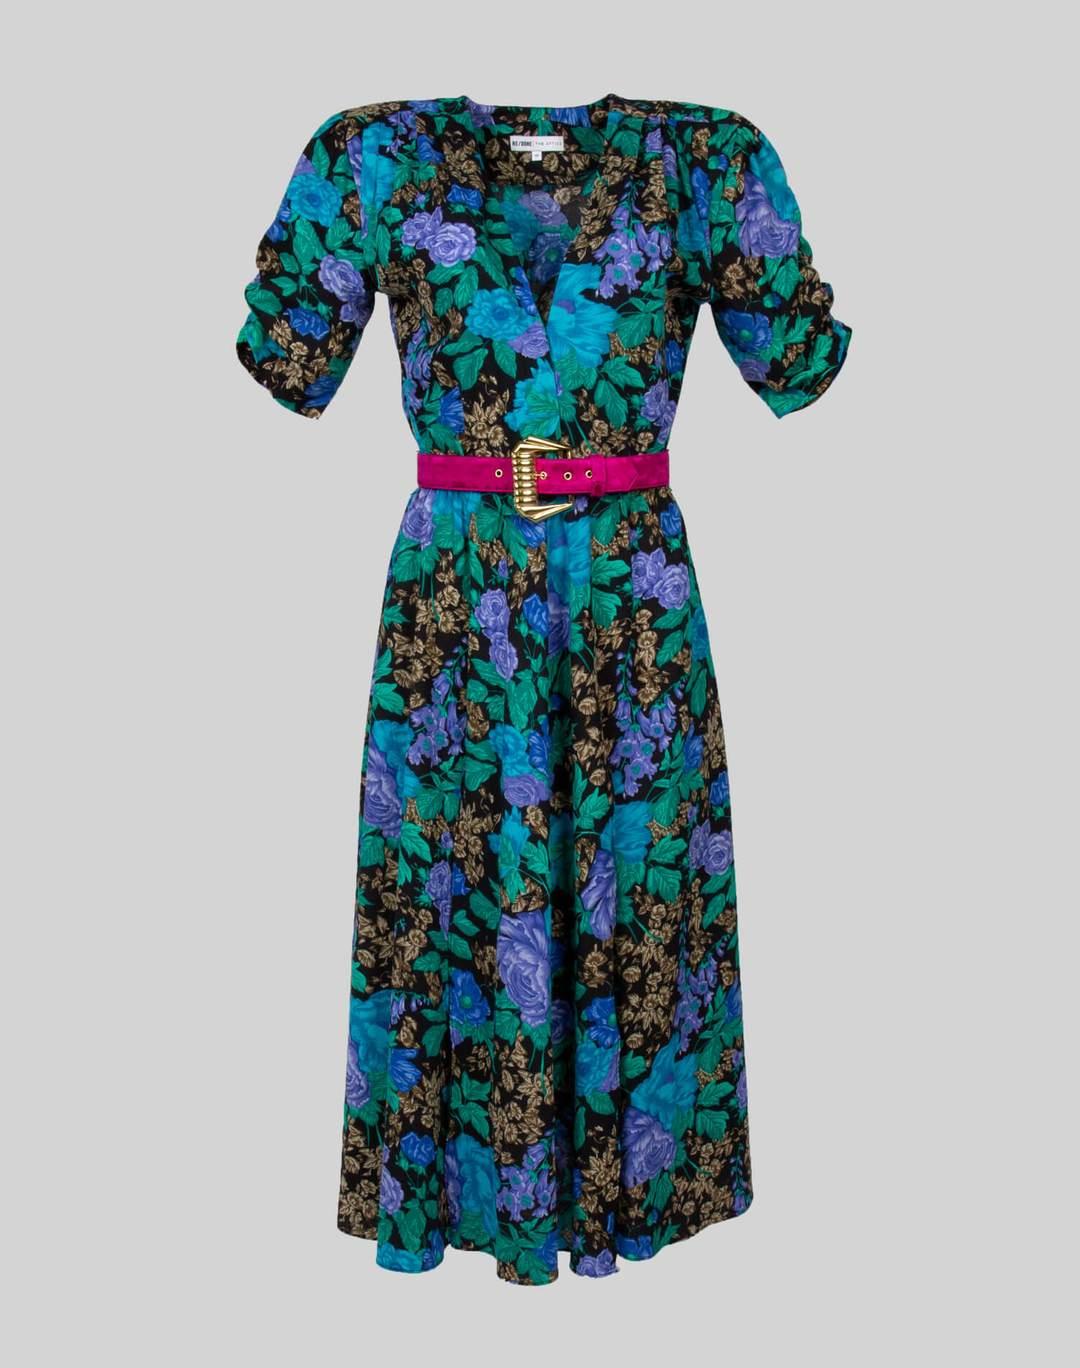 Tiered Mini Dress No. XSTMDAX10021